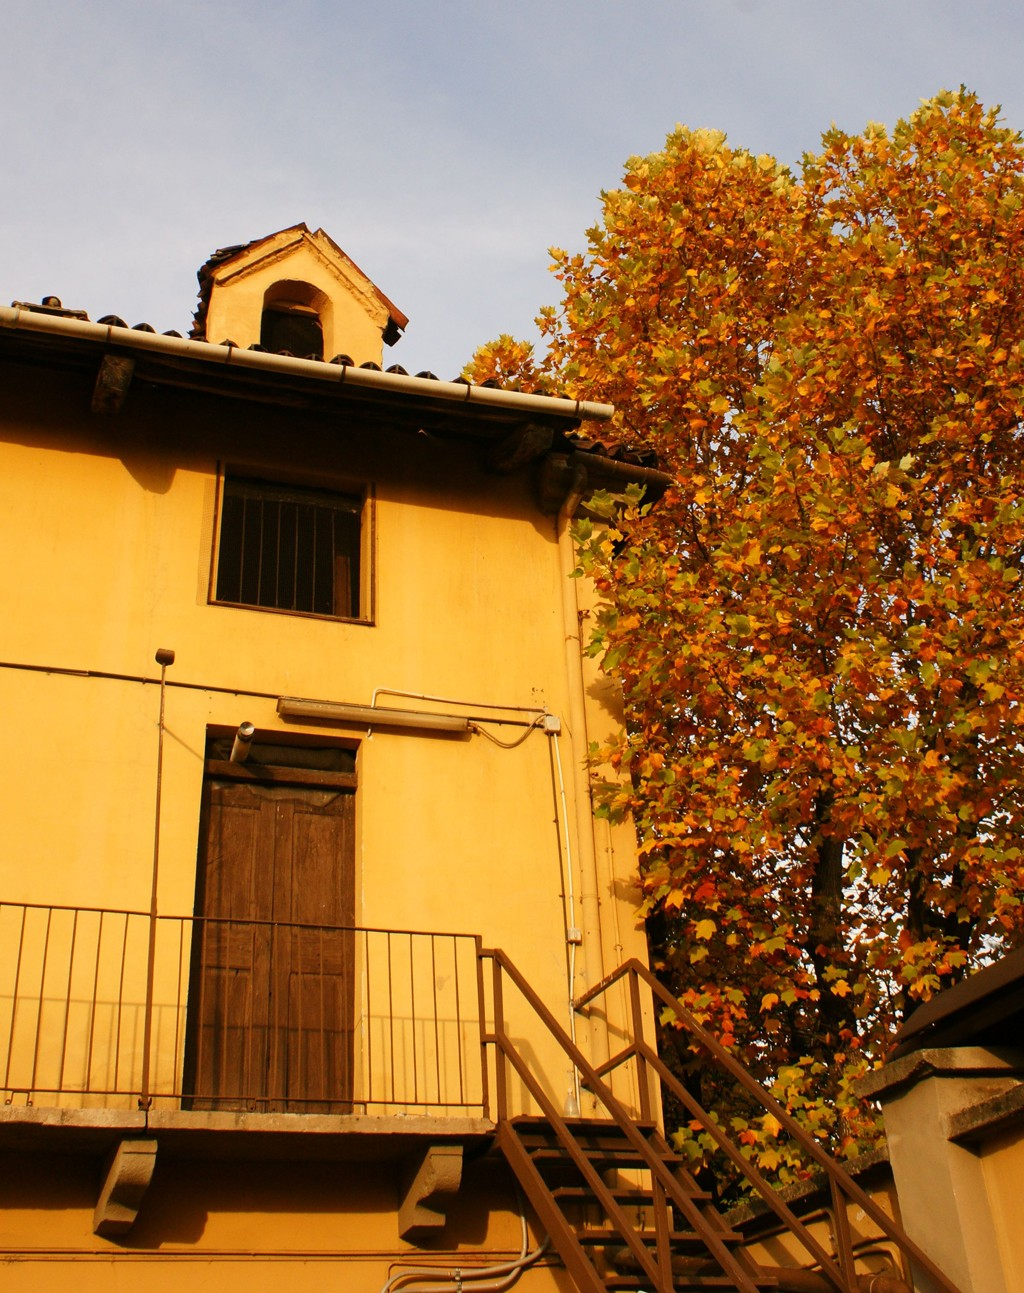 Cascina olivero museotorino for Planimetrie della casa padronale